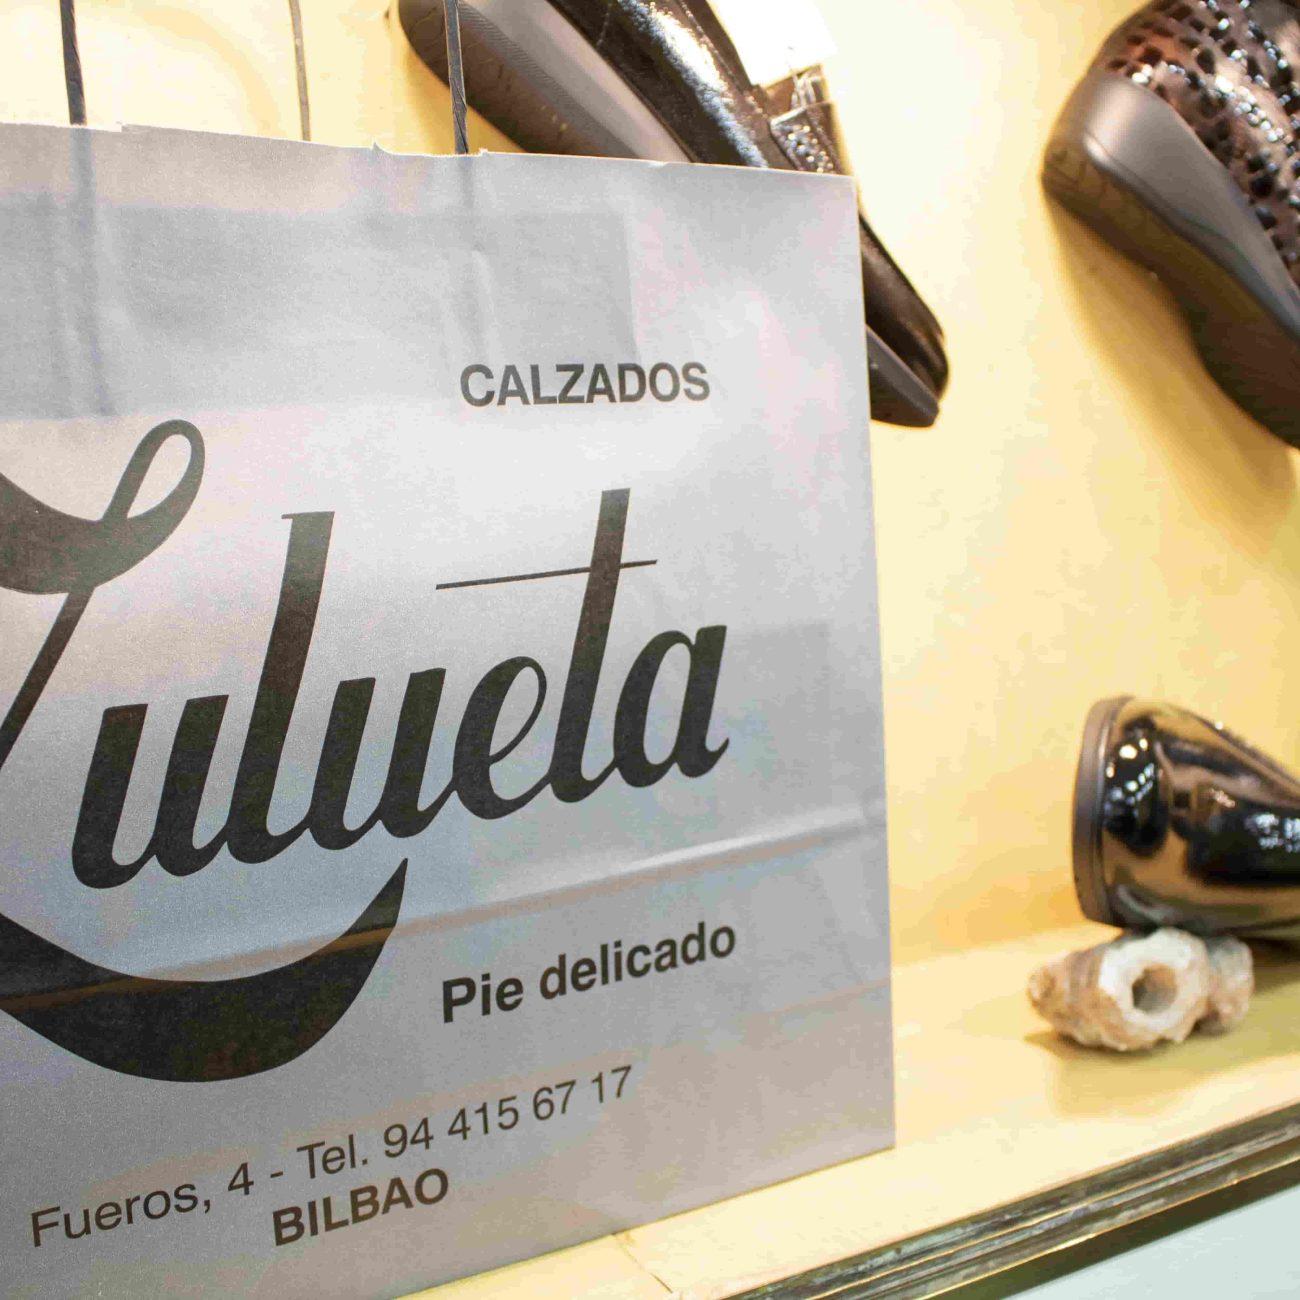 Una de las zapaterias más emblemática de Bilbao